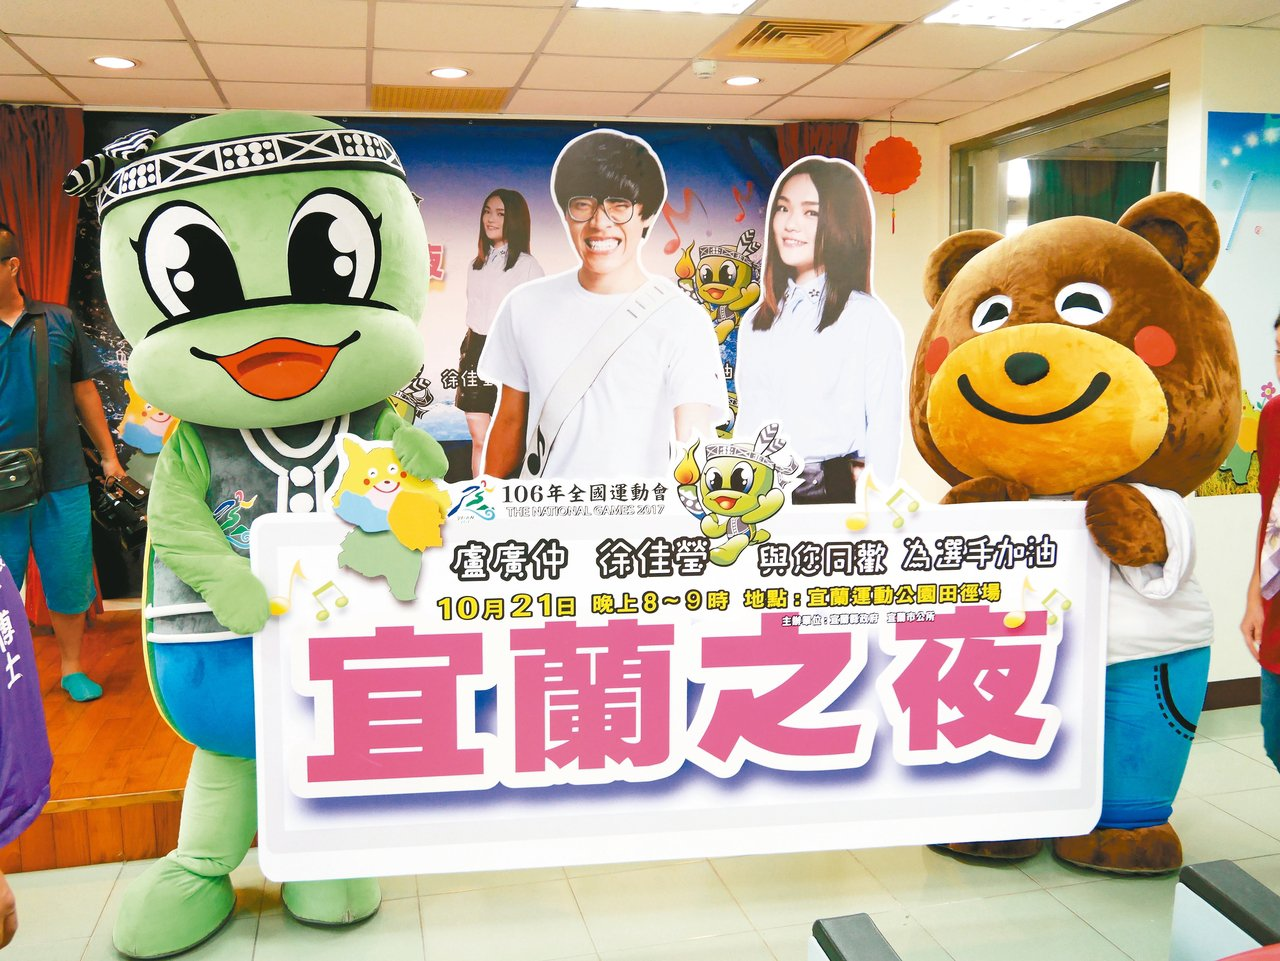 全國運動會「宜蘭之夜」將邀盧廣仲、徐佳瑩開唱。 圖/宜蘭市公所提供